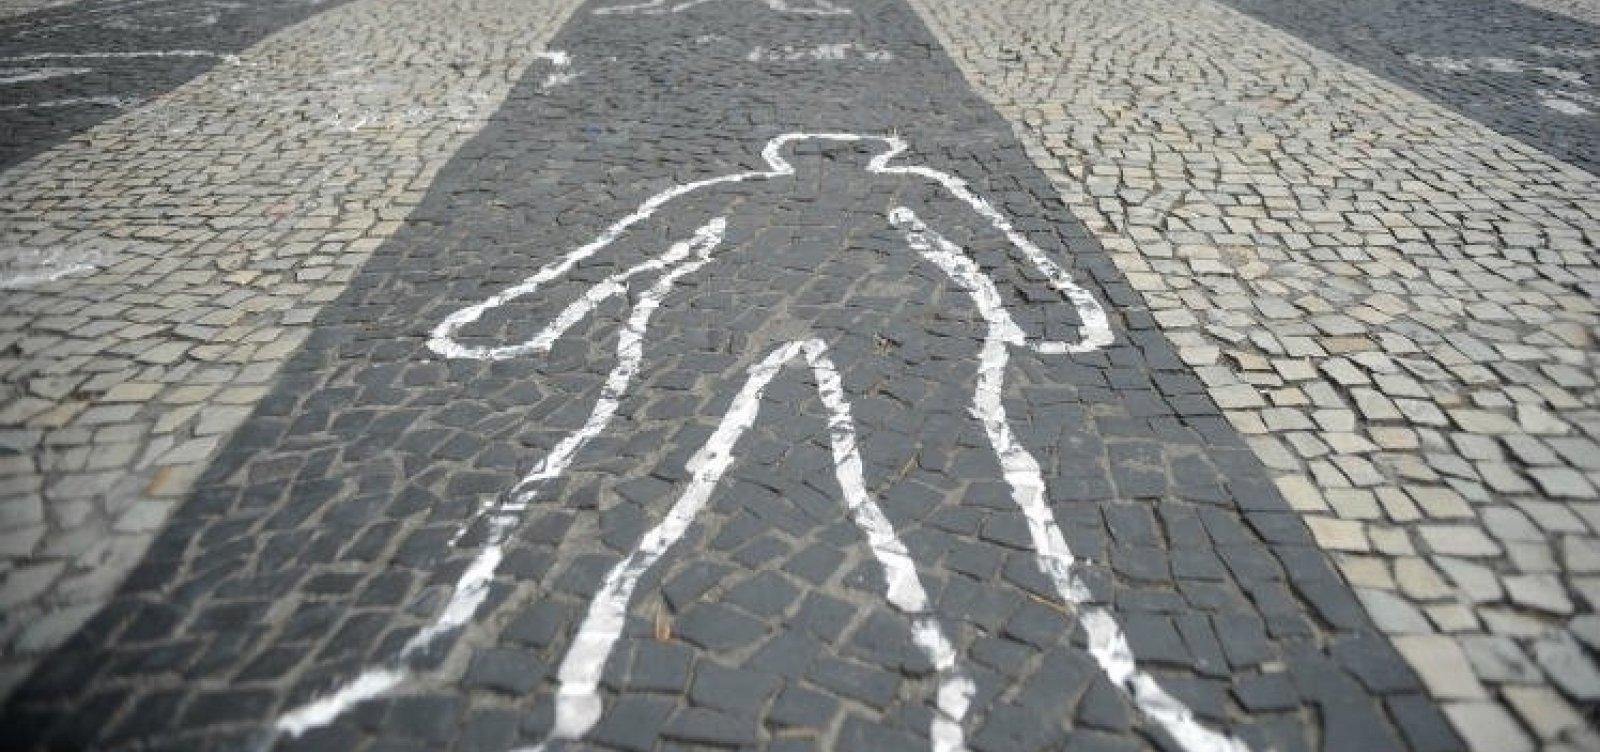 [Brasil registra redução de 10,43% nas mortes violentas intencionais]